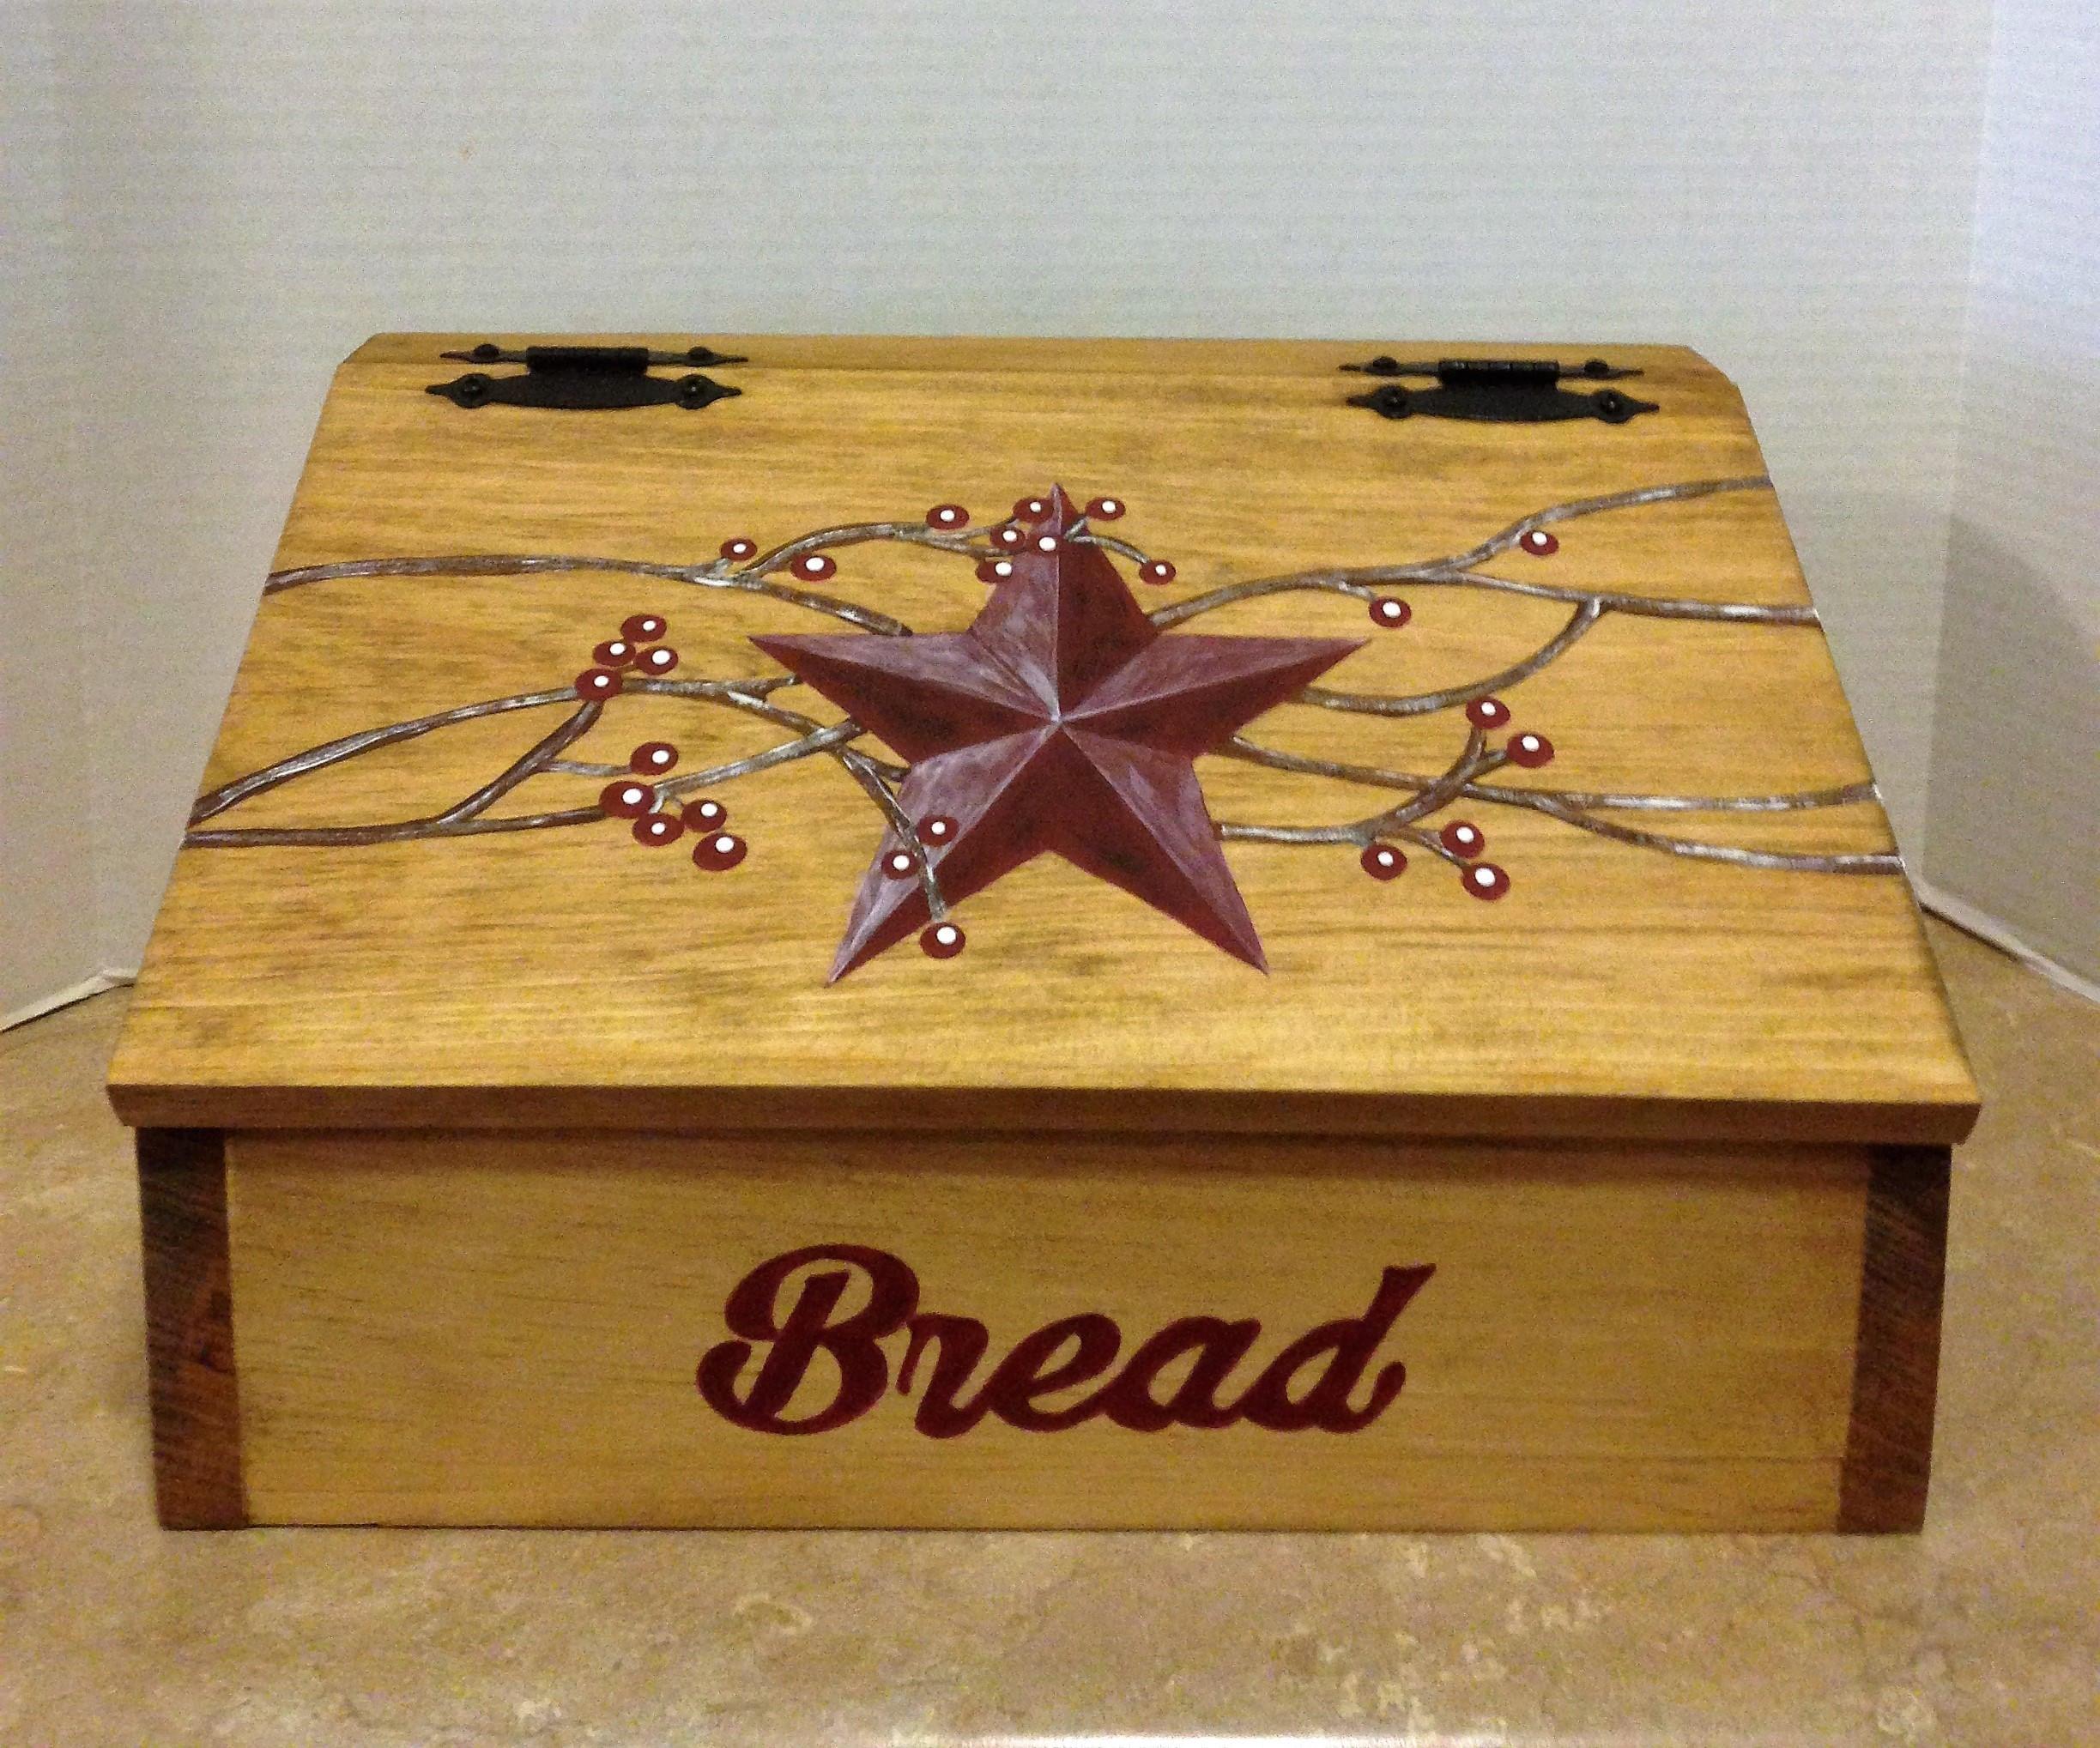 Bread Box Wooden Bread Box Kitchen Bread Box Primitive Star Decor Country Decor Farmhouse Decor Primitive Kitchen Decor Box For Bread